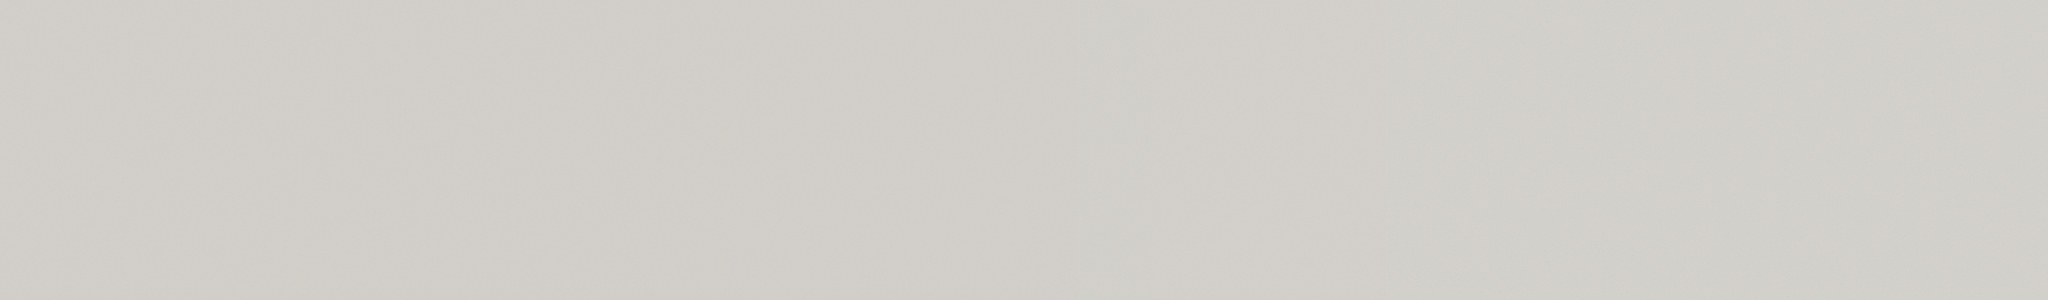 HU 171191 кромка ABS серая Конго гладкая матовая